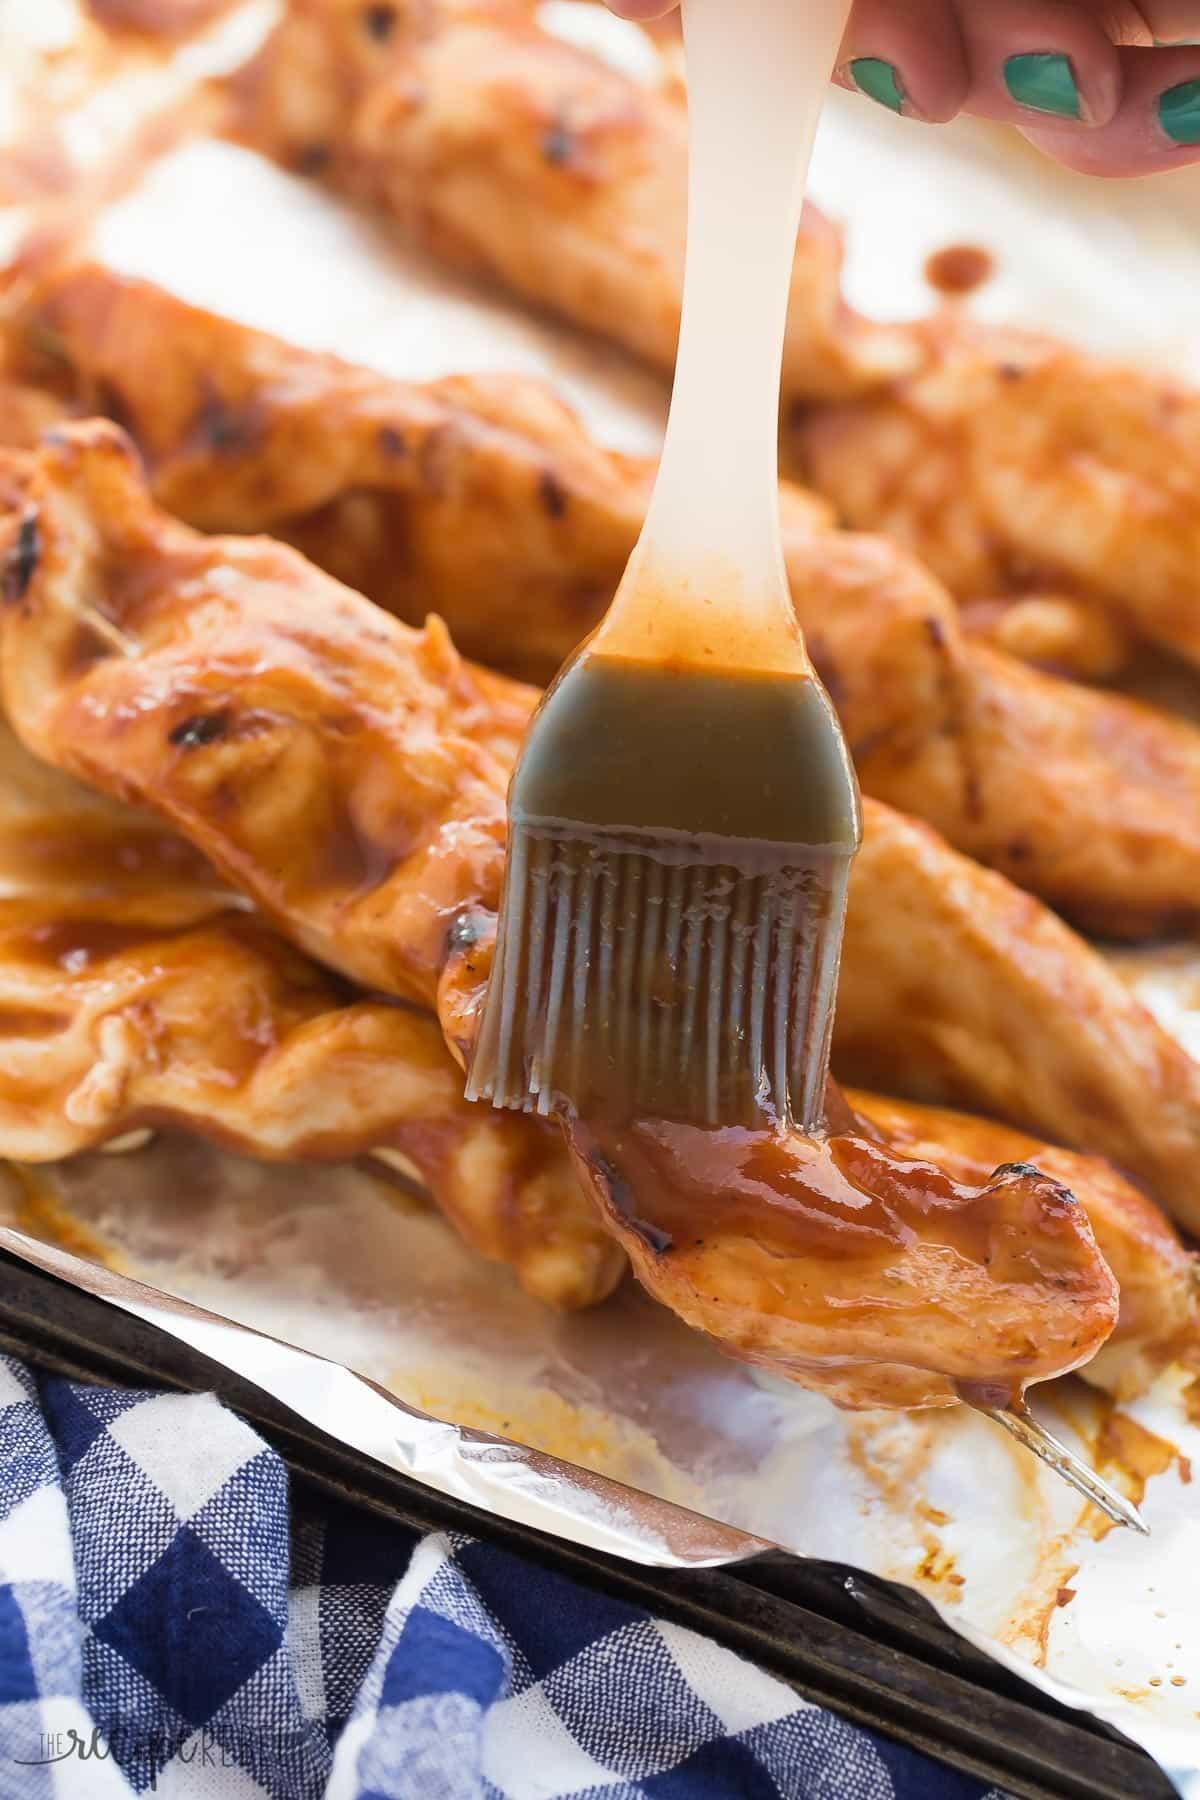 ¡Esta salsa de barbacoa casera Dr. Pepper es dulce, pegajosa y es excelente para pollo a la parrilla, carne de res, cerdo o cualquier cosa! ¡Salga de la tienda compró salsas para barbacoa y haga las suyas! thereciperebel.com